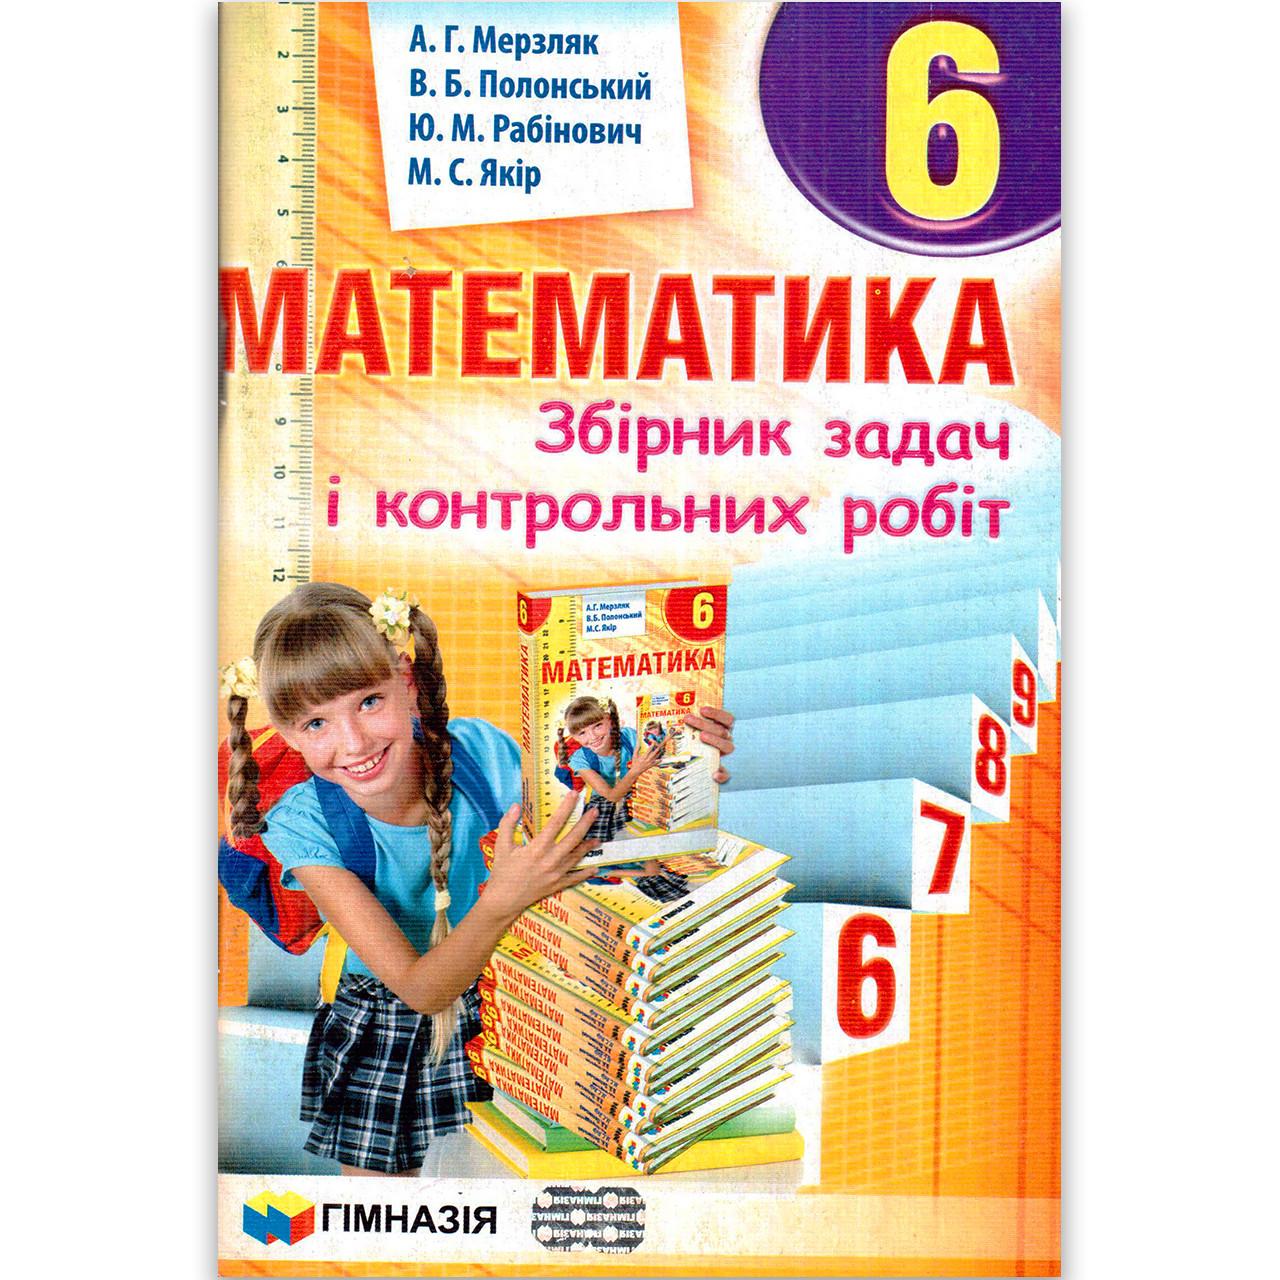 Математика 6 клас Збірник задач і контрольних робіт Авт: Мерзляк А. Вид: Гімназія